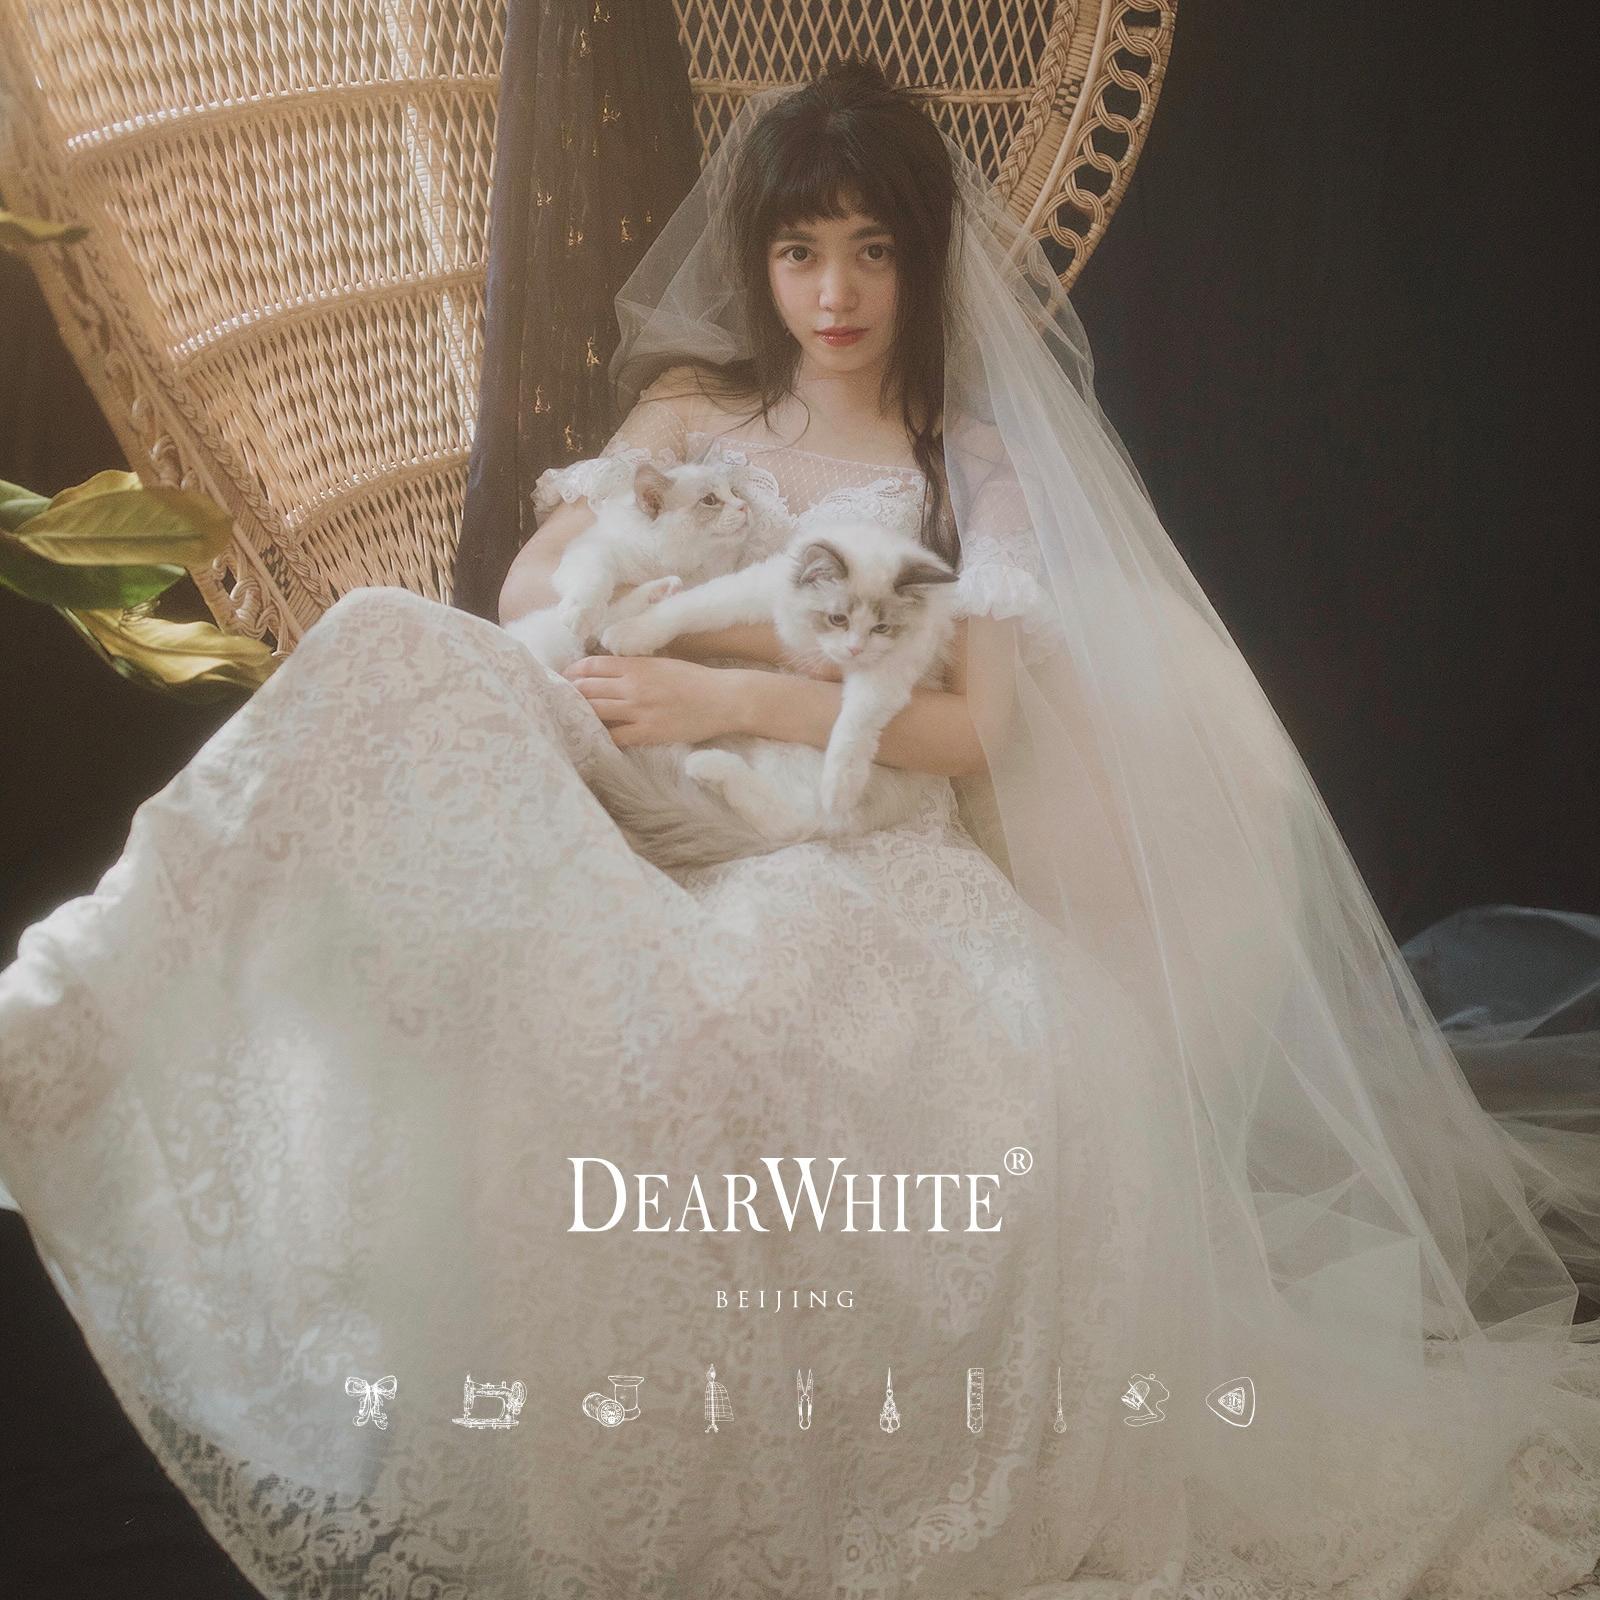 """Близко любовь уайт-плейнс создание подлинного """" долго поэзия «DearWhite свадьба департамент кружево перетащить хвост свадьба"""